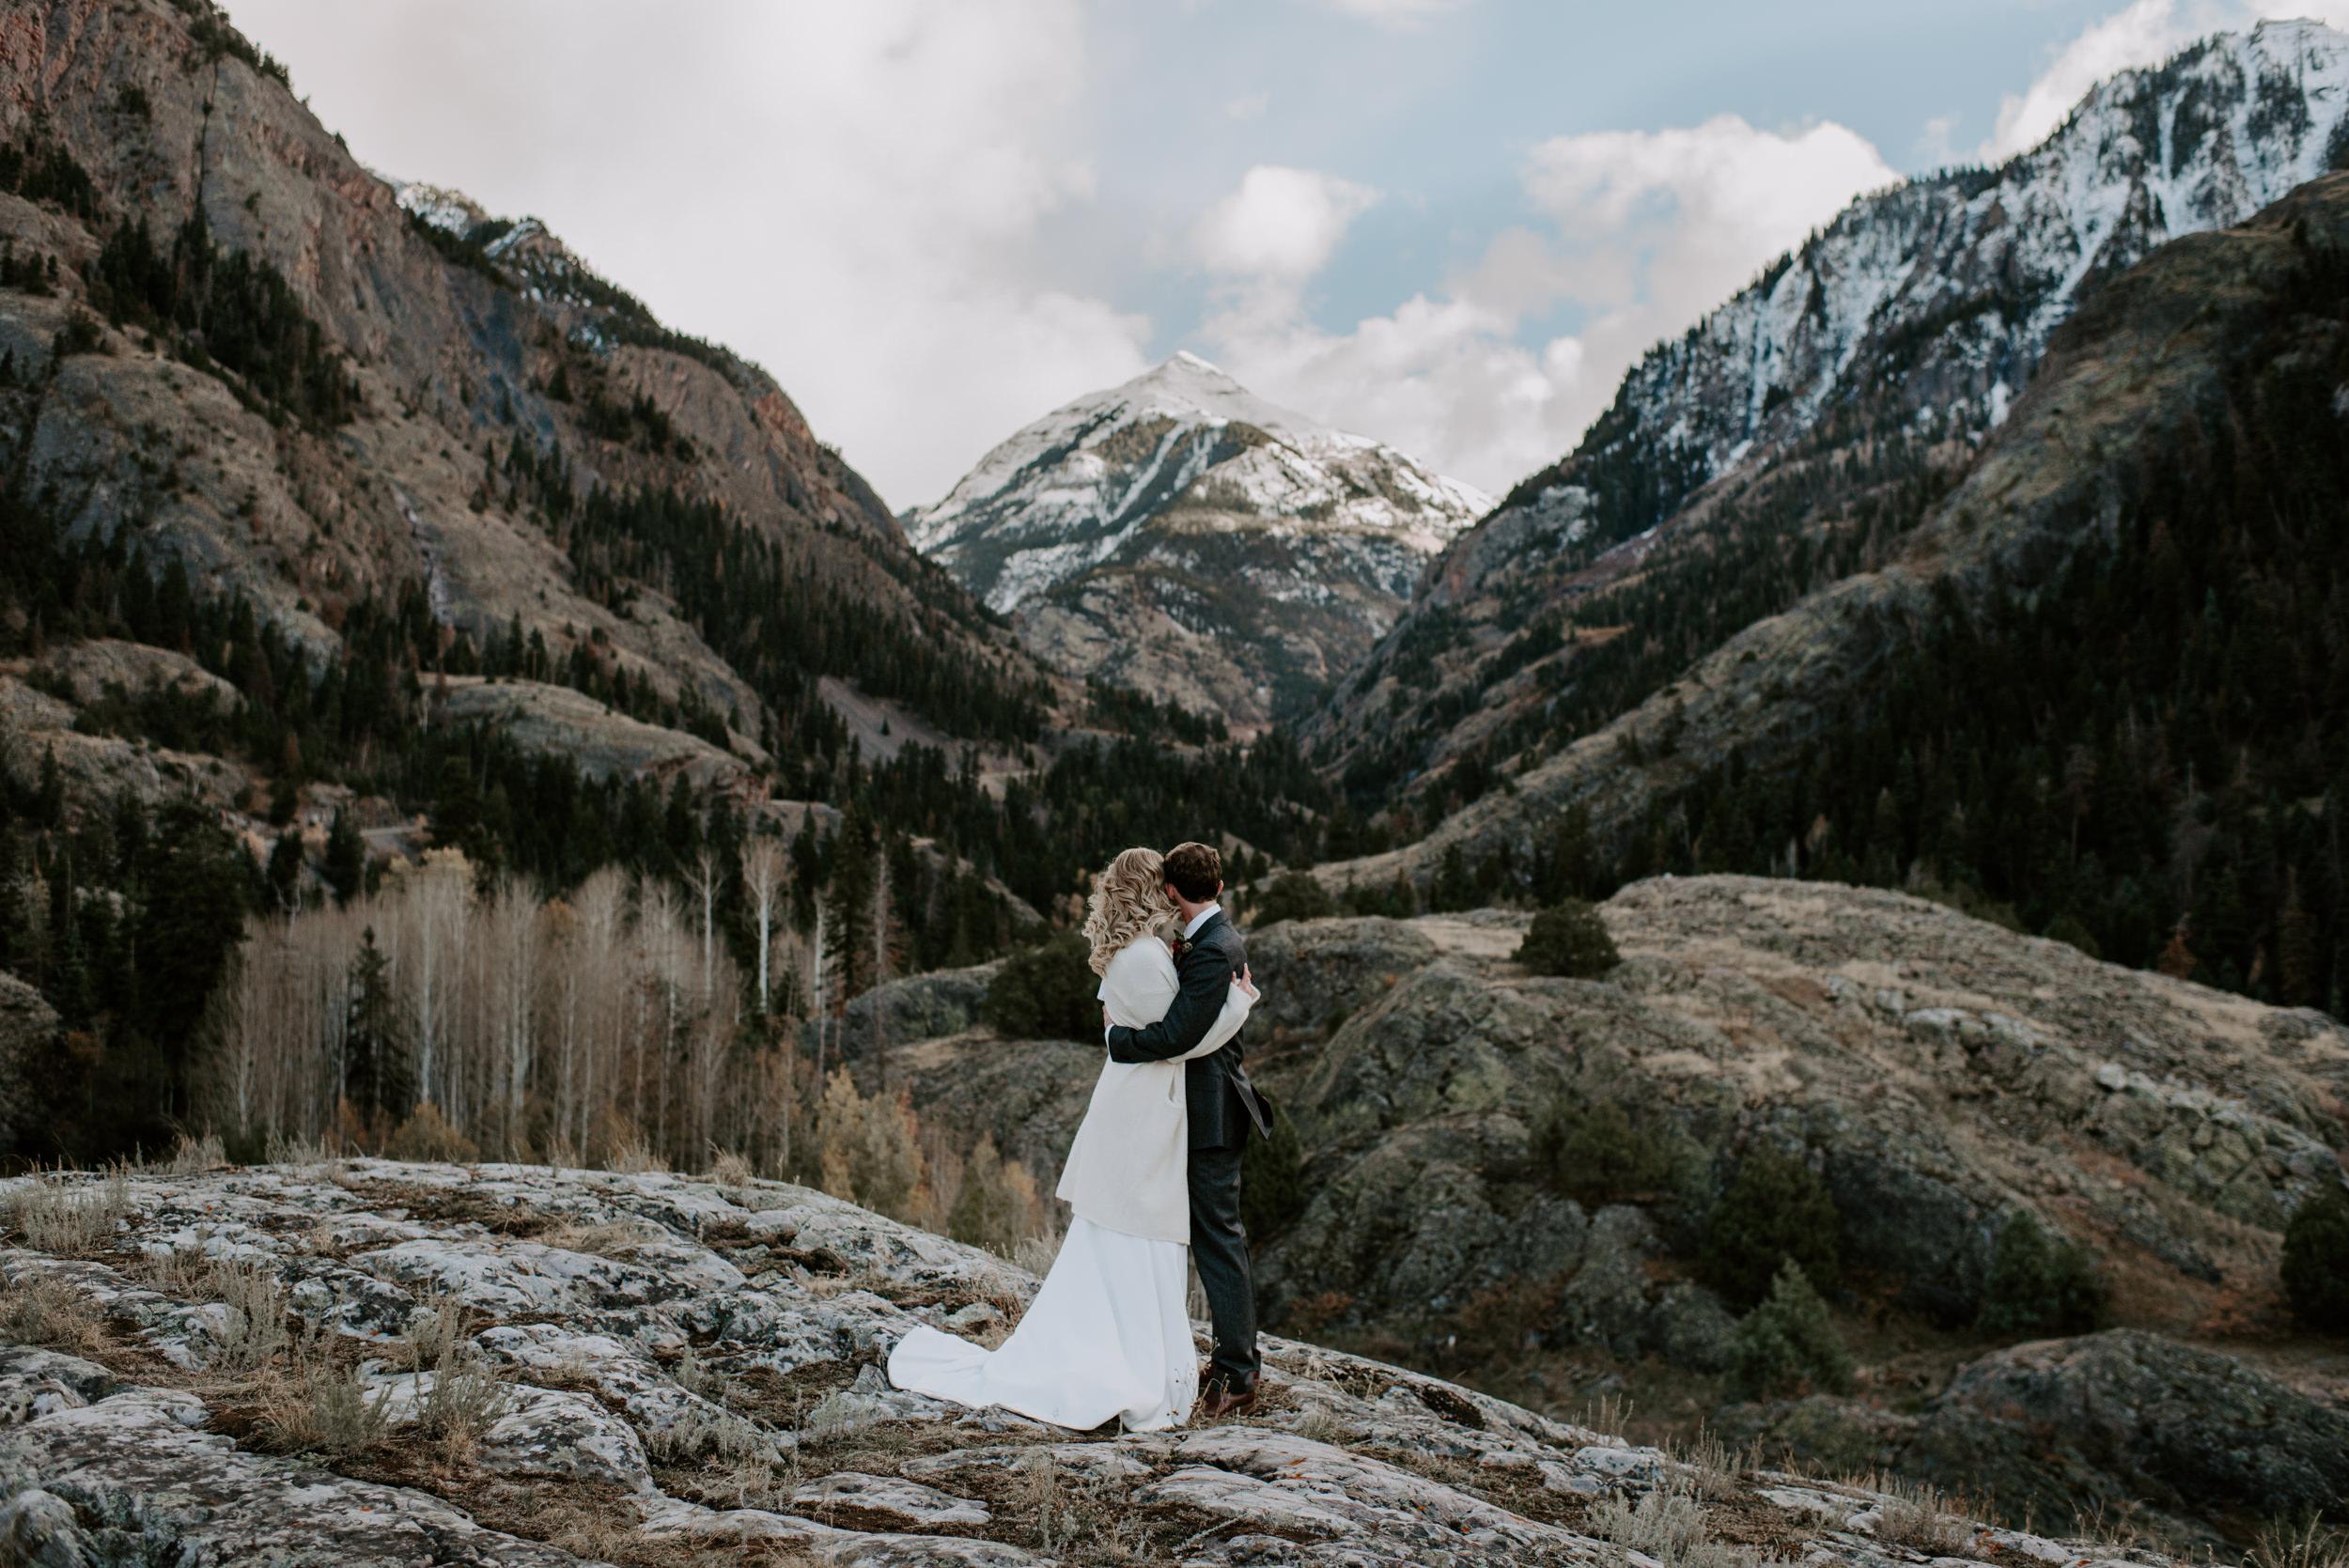 Elopement in Ouray, Colorado. Mountain elopement in Colorado.